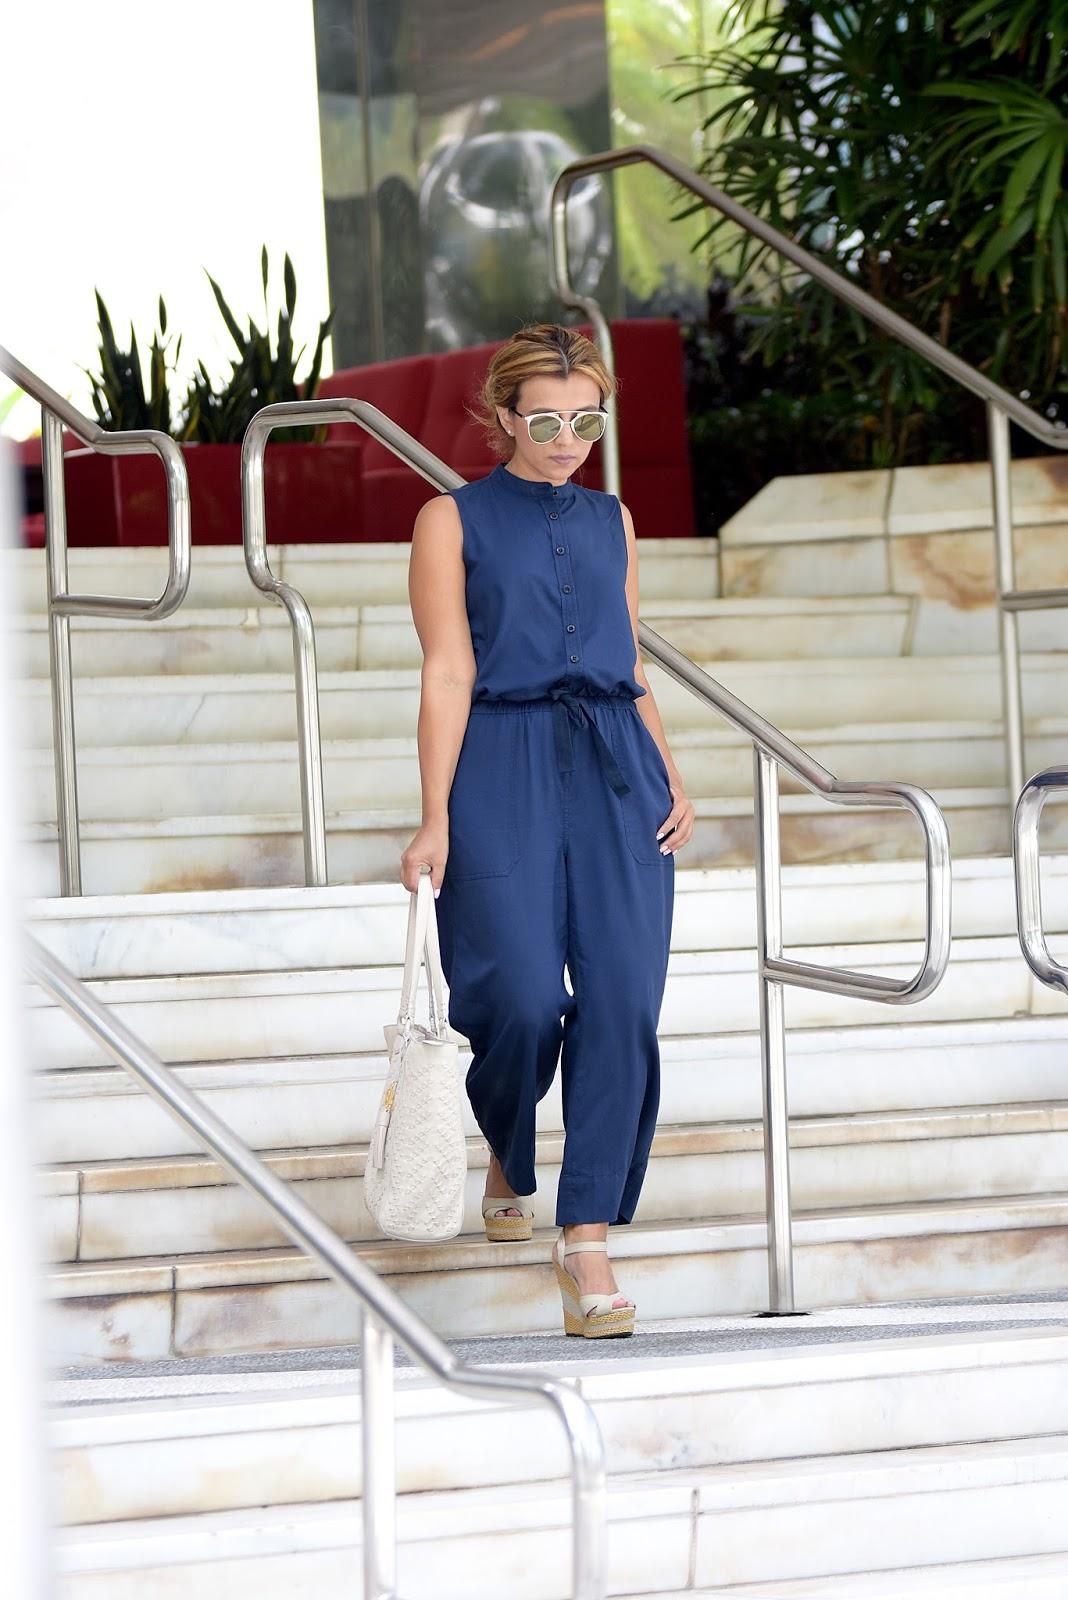 Easy To Stay Stylish Even In The Heat by Mari Estilo ft. Lauren Ralph Lauren